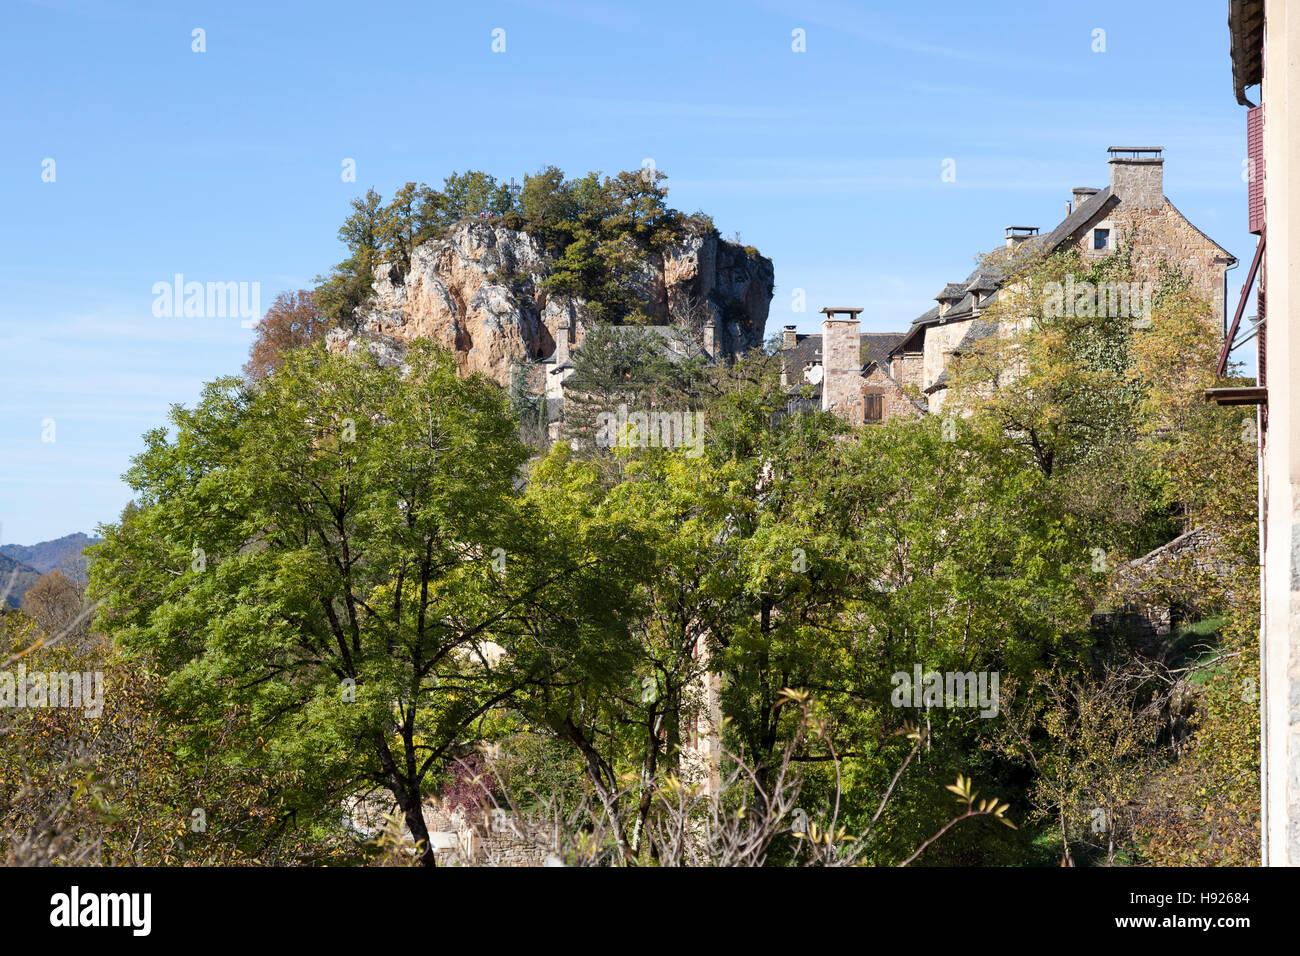 Un ángulo bajo shot en una parte de la aldea de Rodelle encaramado sobre su espolón rocoso (Francia). Imagen De Stock